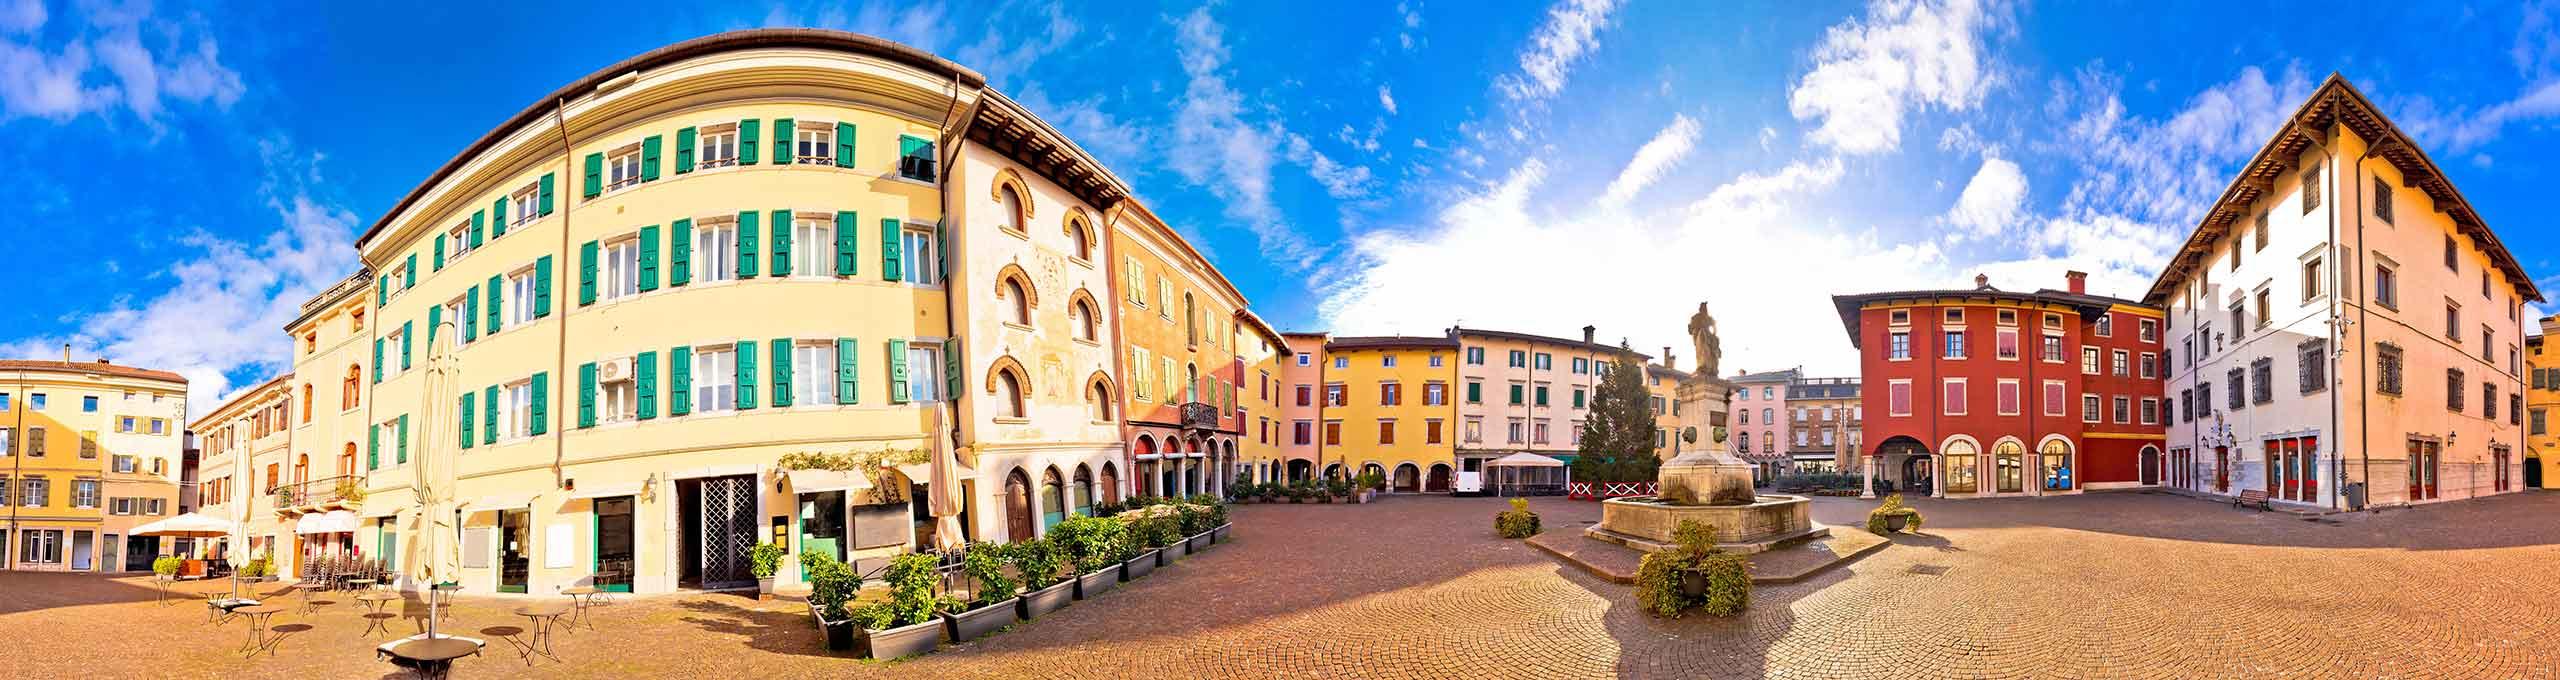 Cividale del Friuli, centro storico